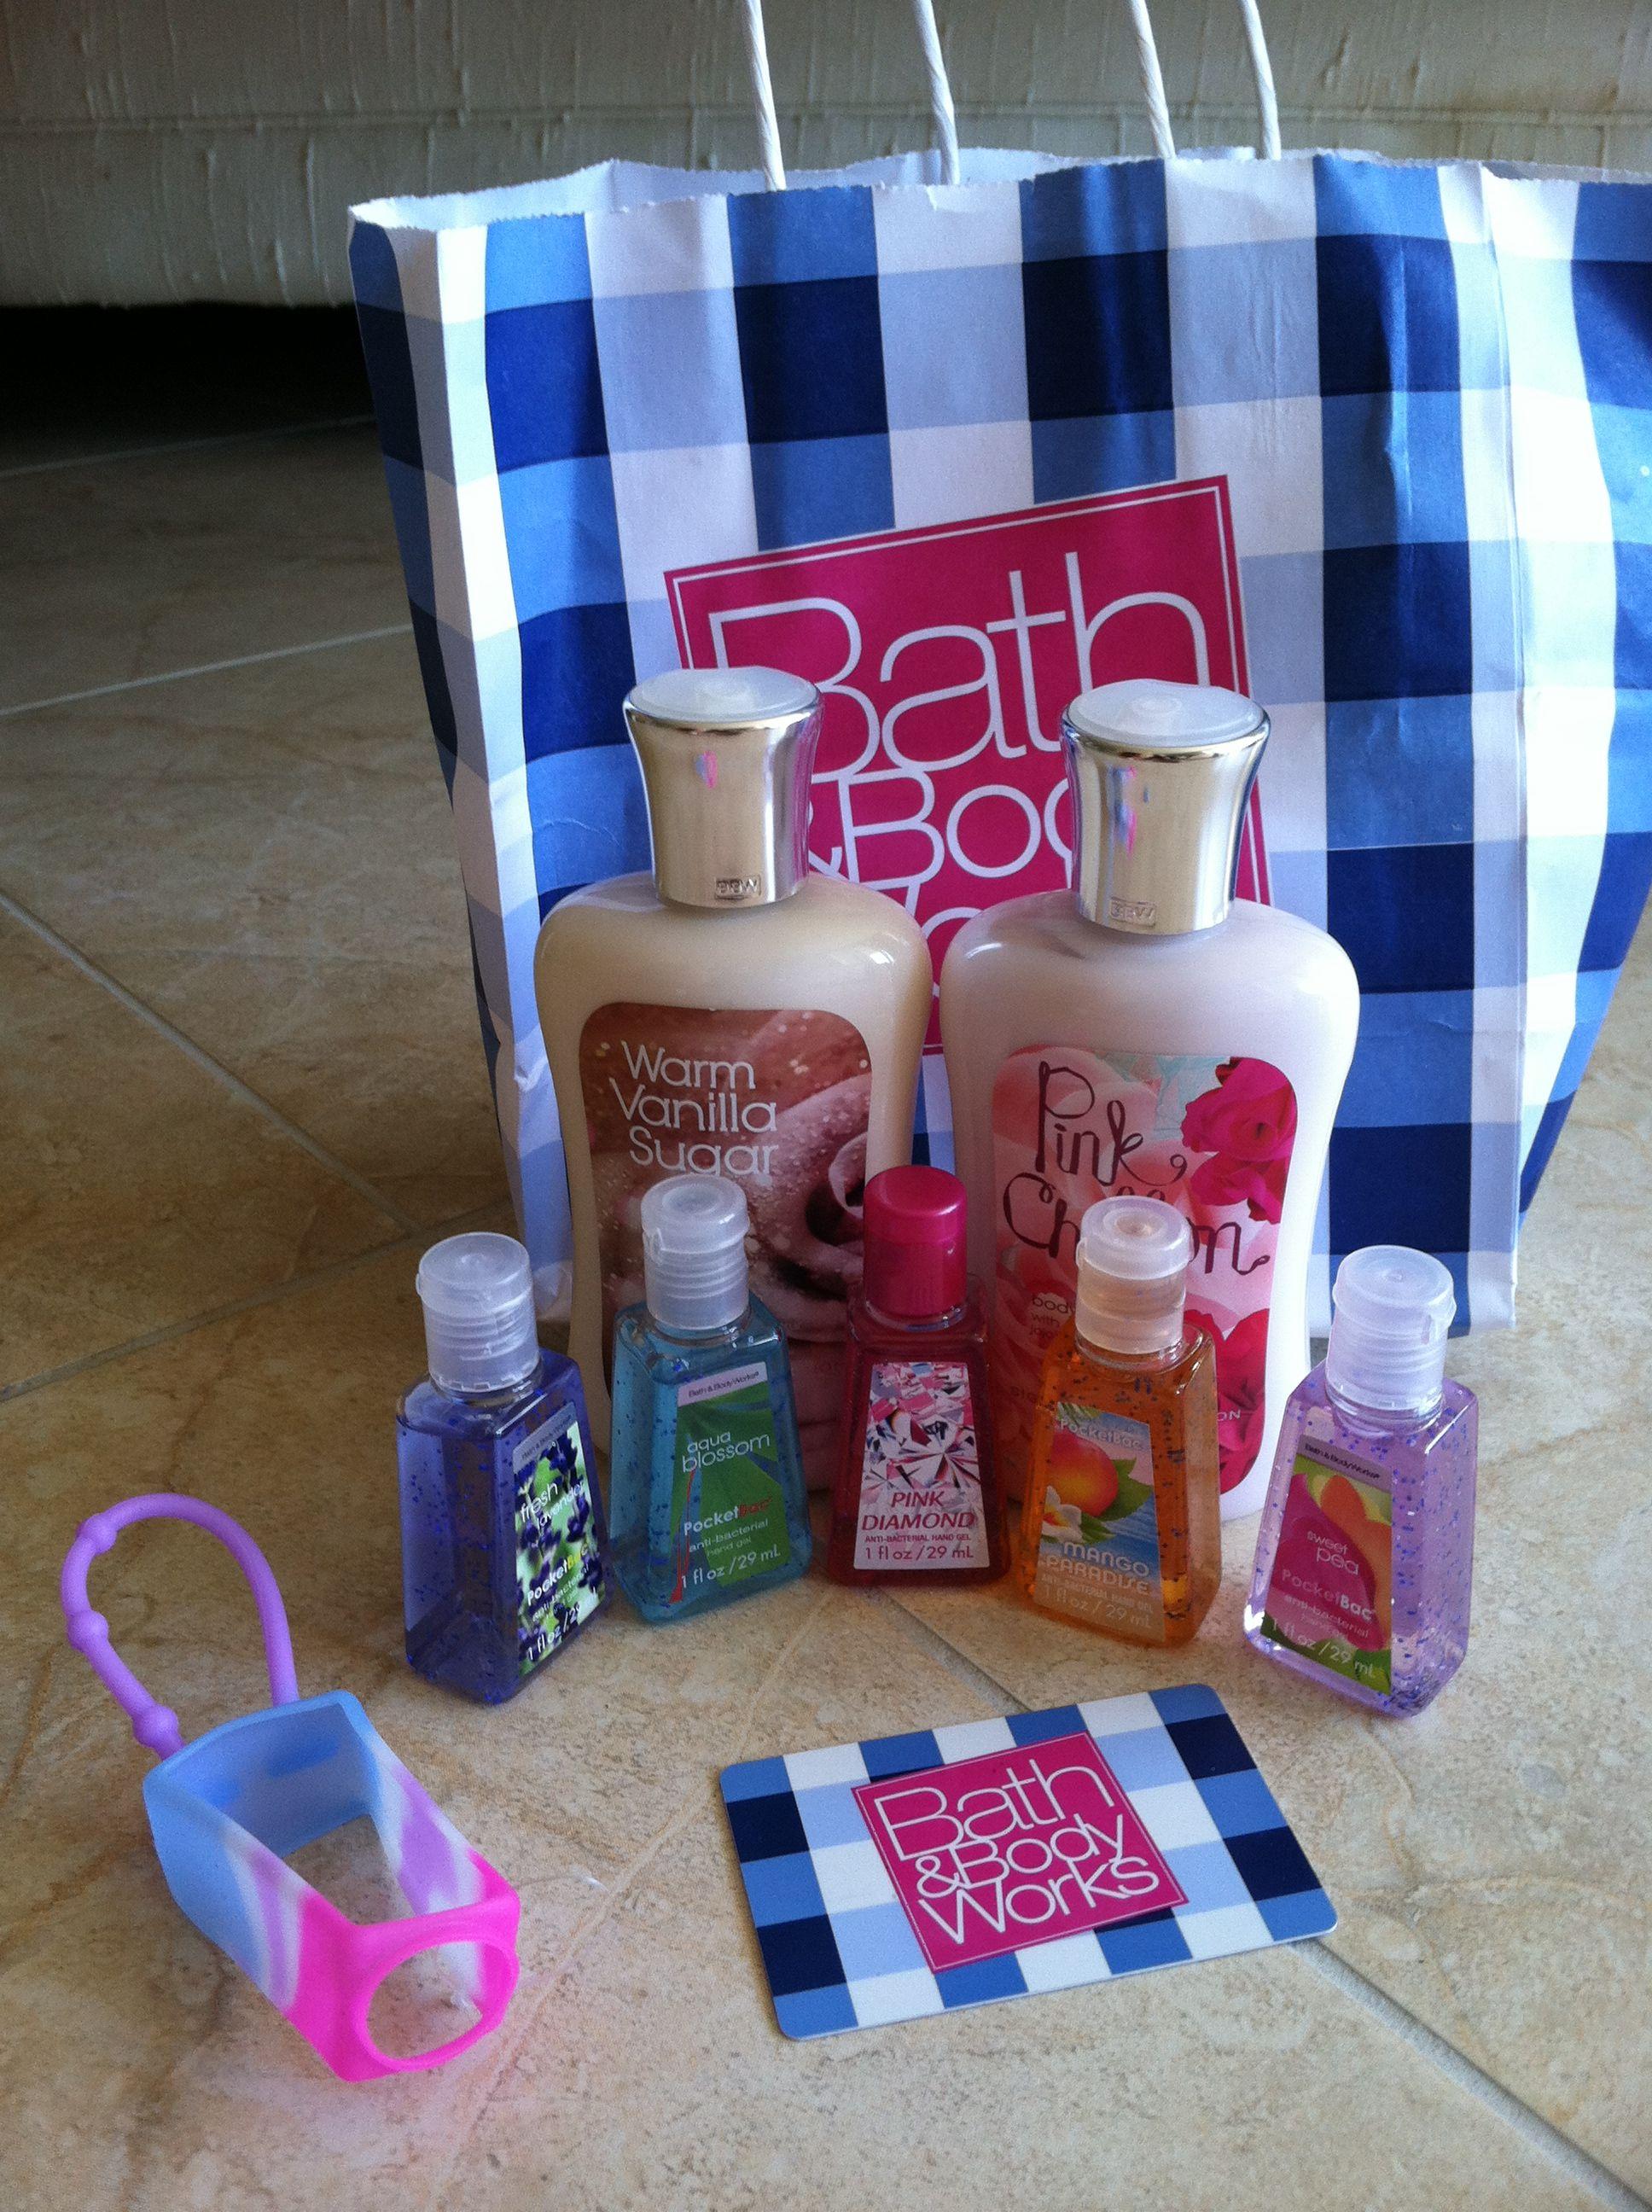 Bath Body Works Warm Vanilla Sugar Pocketbac Sanitizing Hand Gel